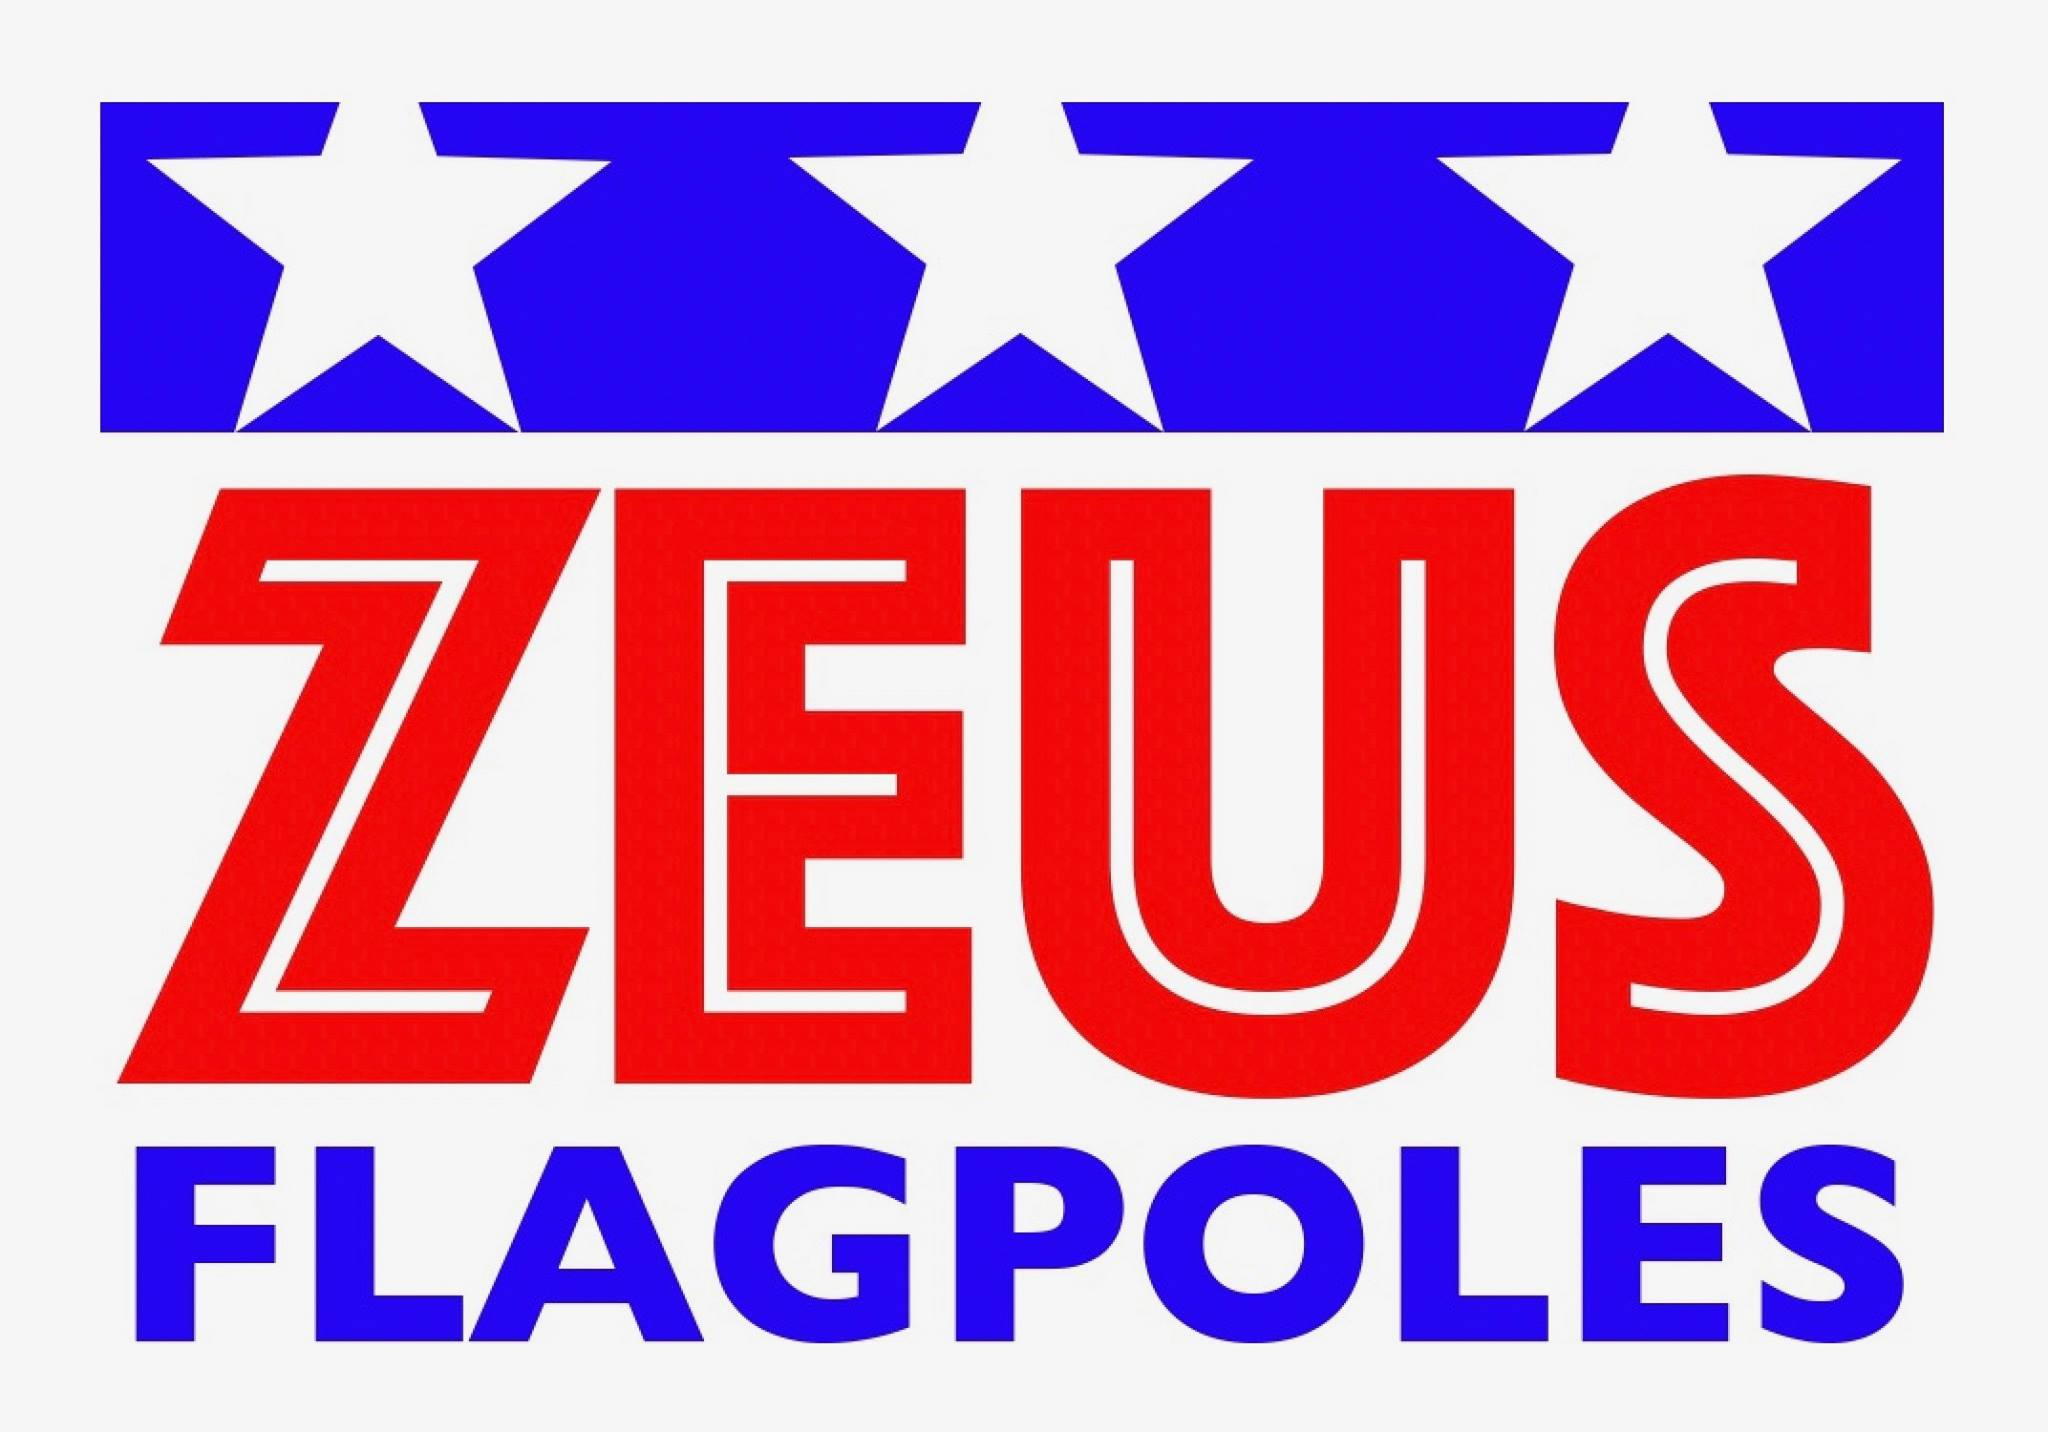 zeus flagpoles